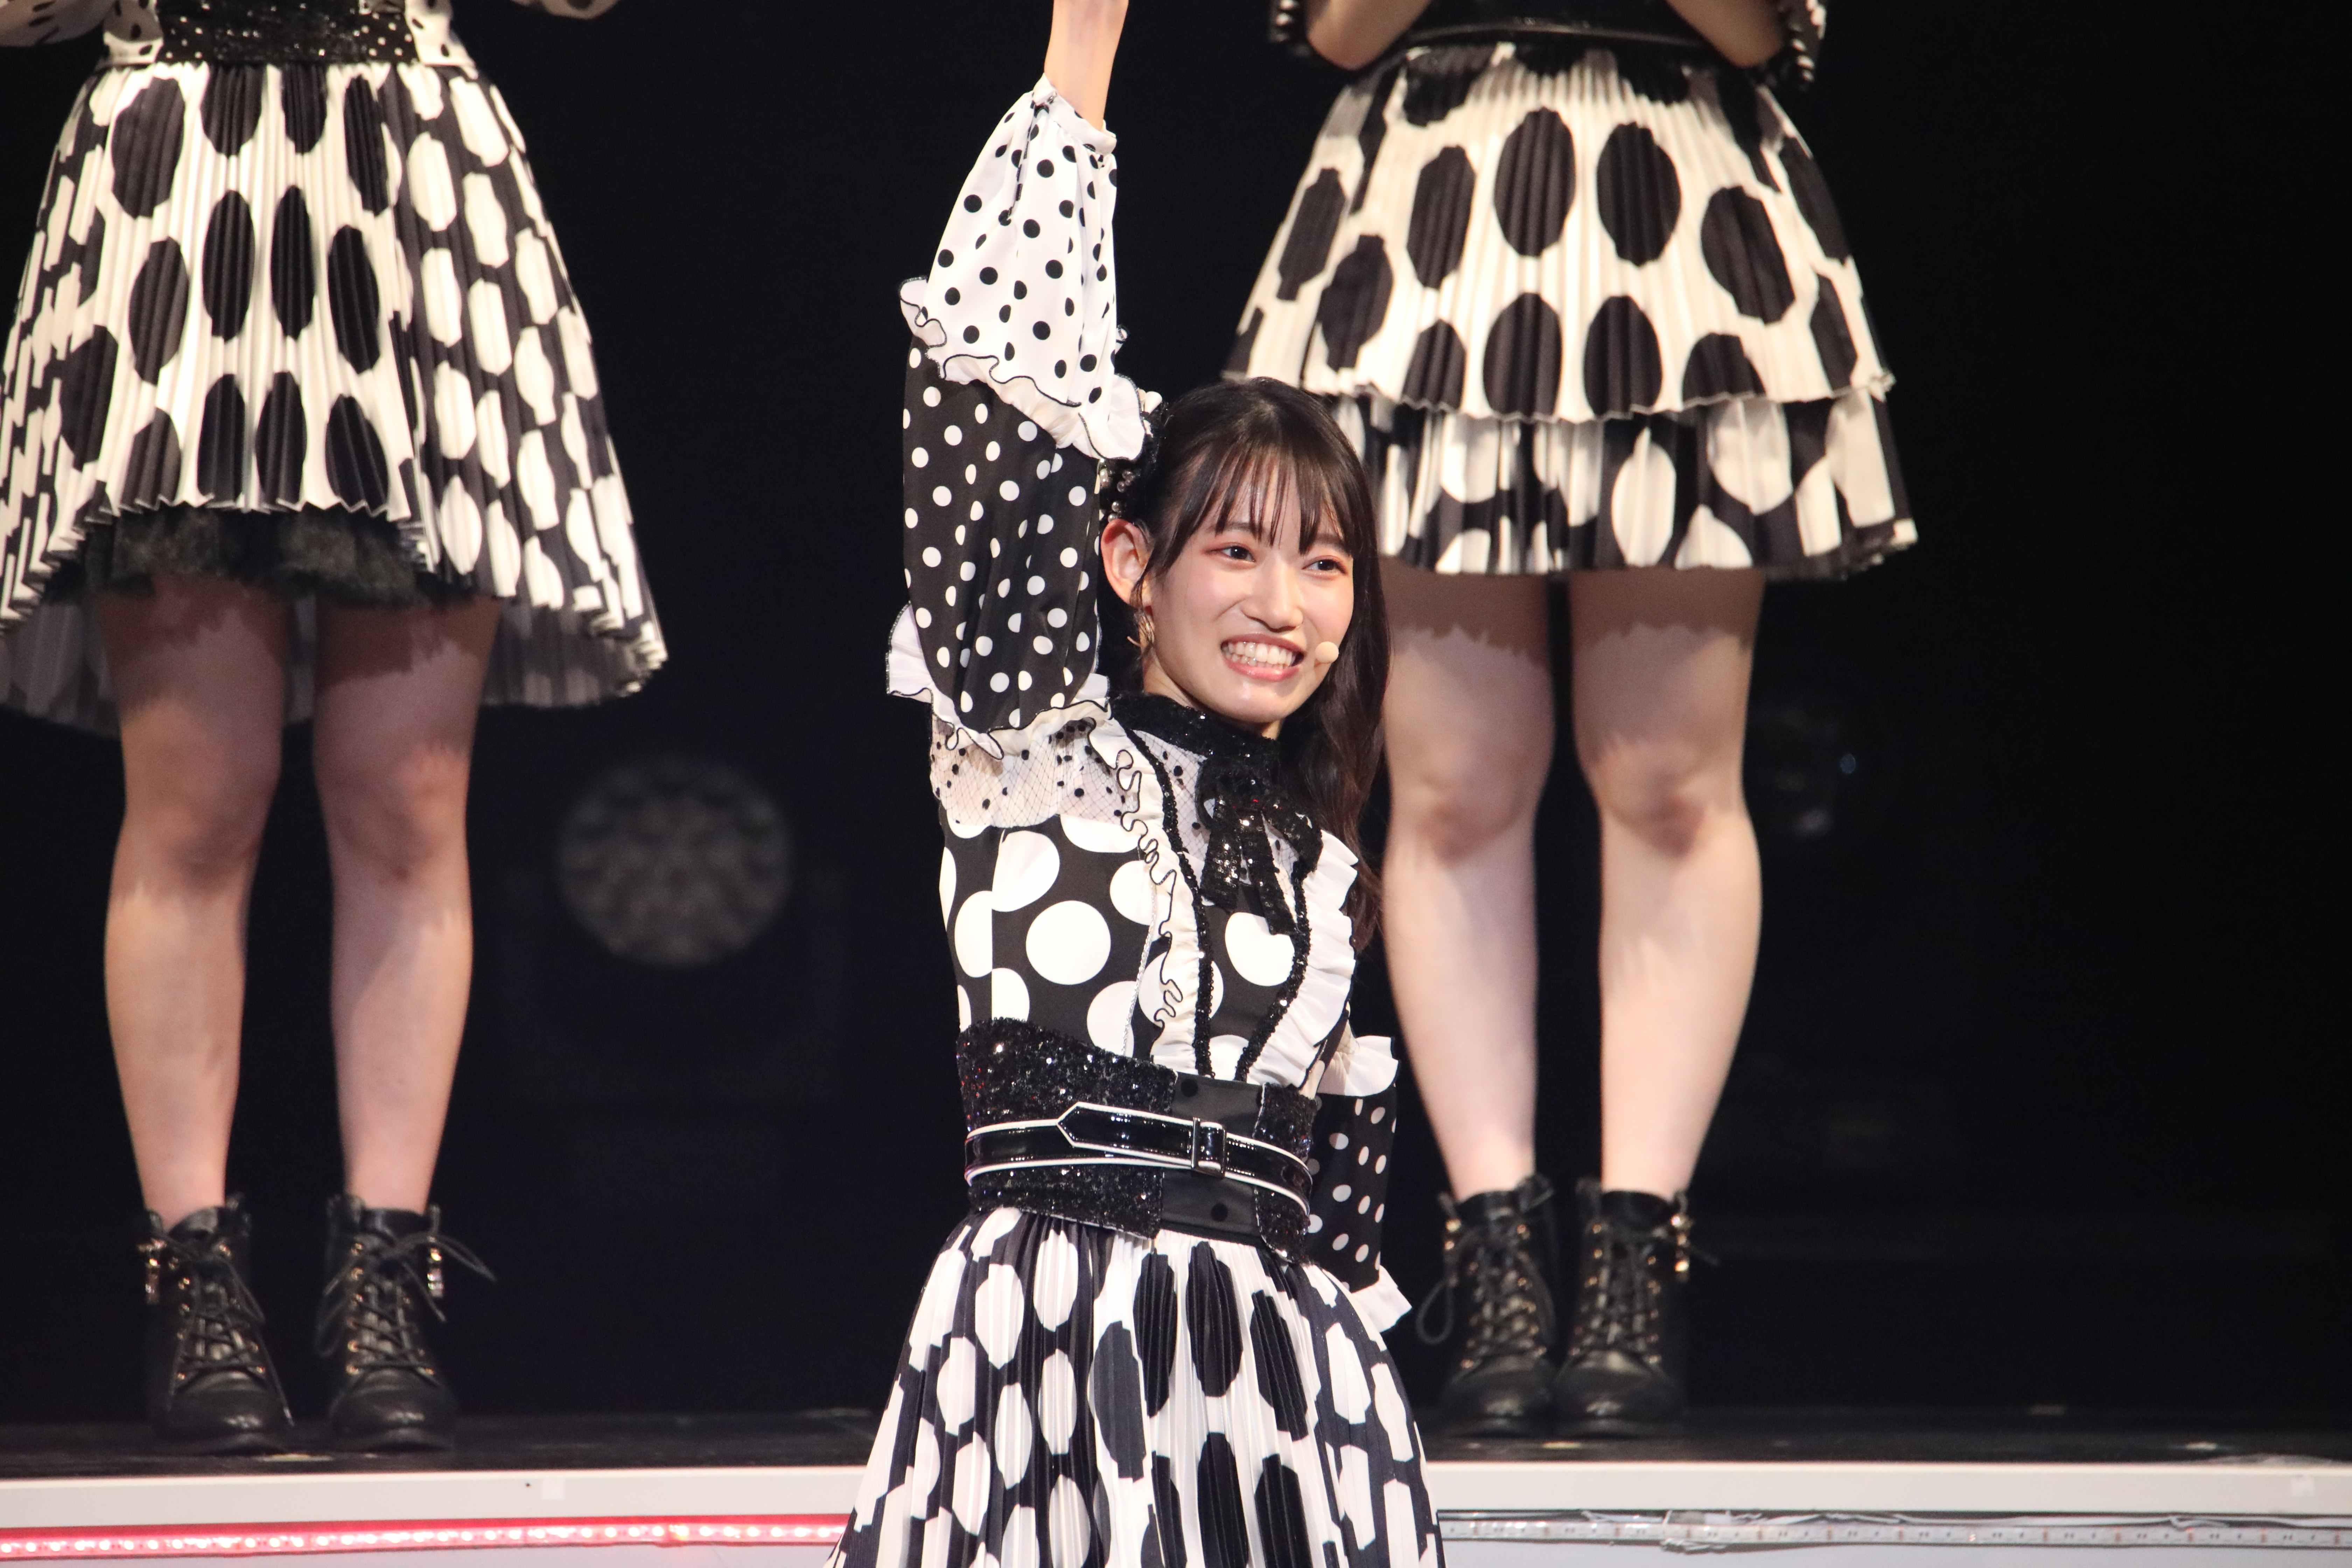 黒須遥香 ©AKB48 THE AUDISHOW製作委員会  無断アップロード及び転送は一切禁止です。